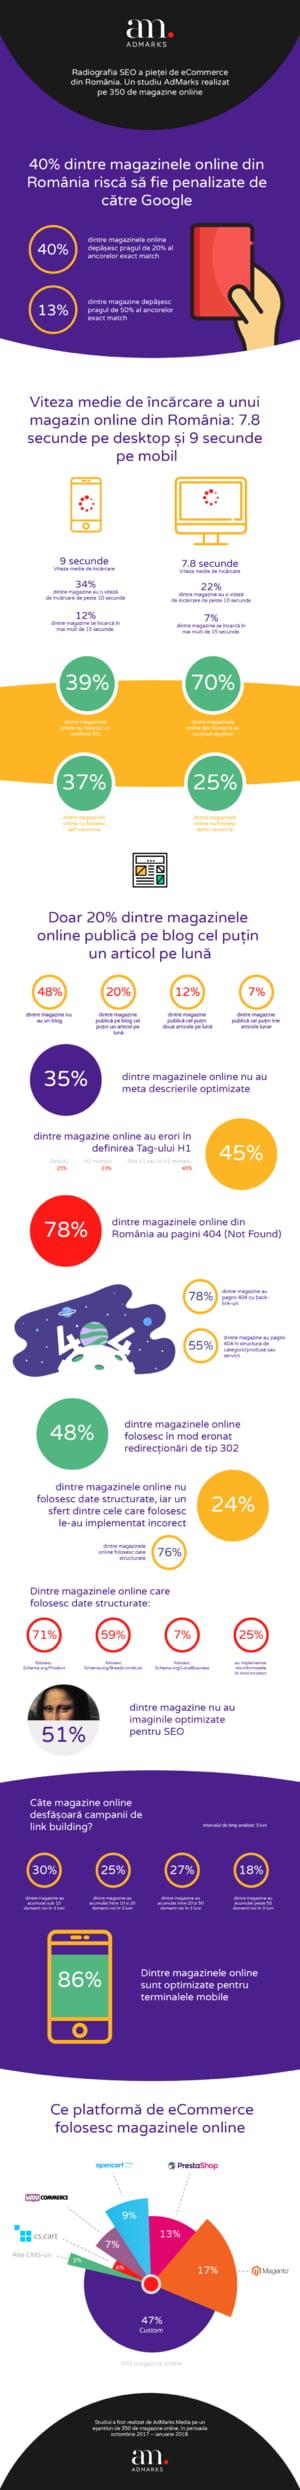 Online, in Romania: Vanzarile au explodat, dar aproape jumatate dintre magazine risca sa fie penalizate